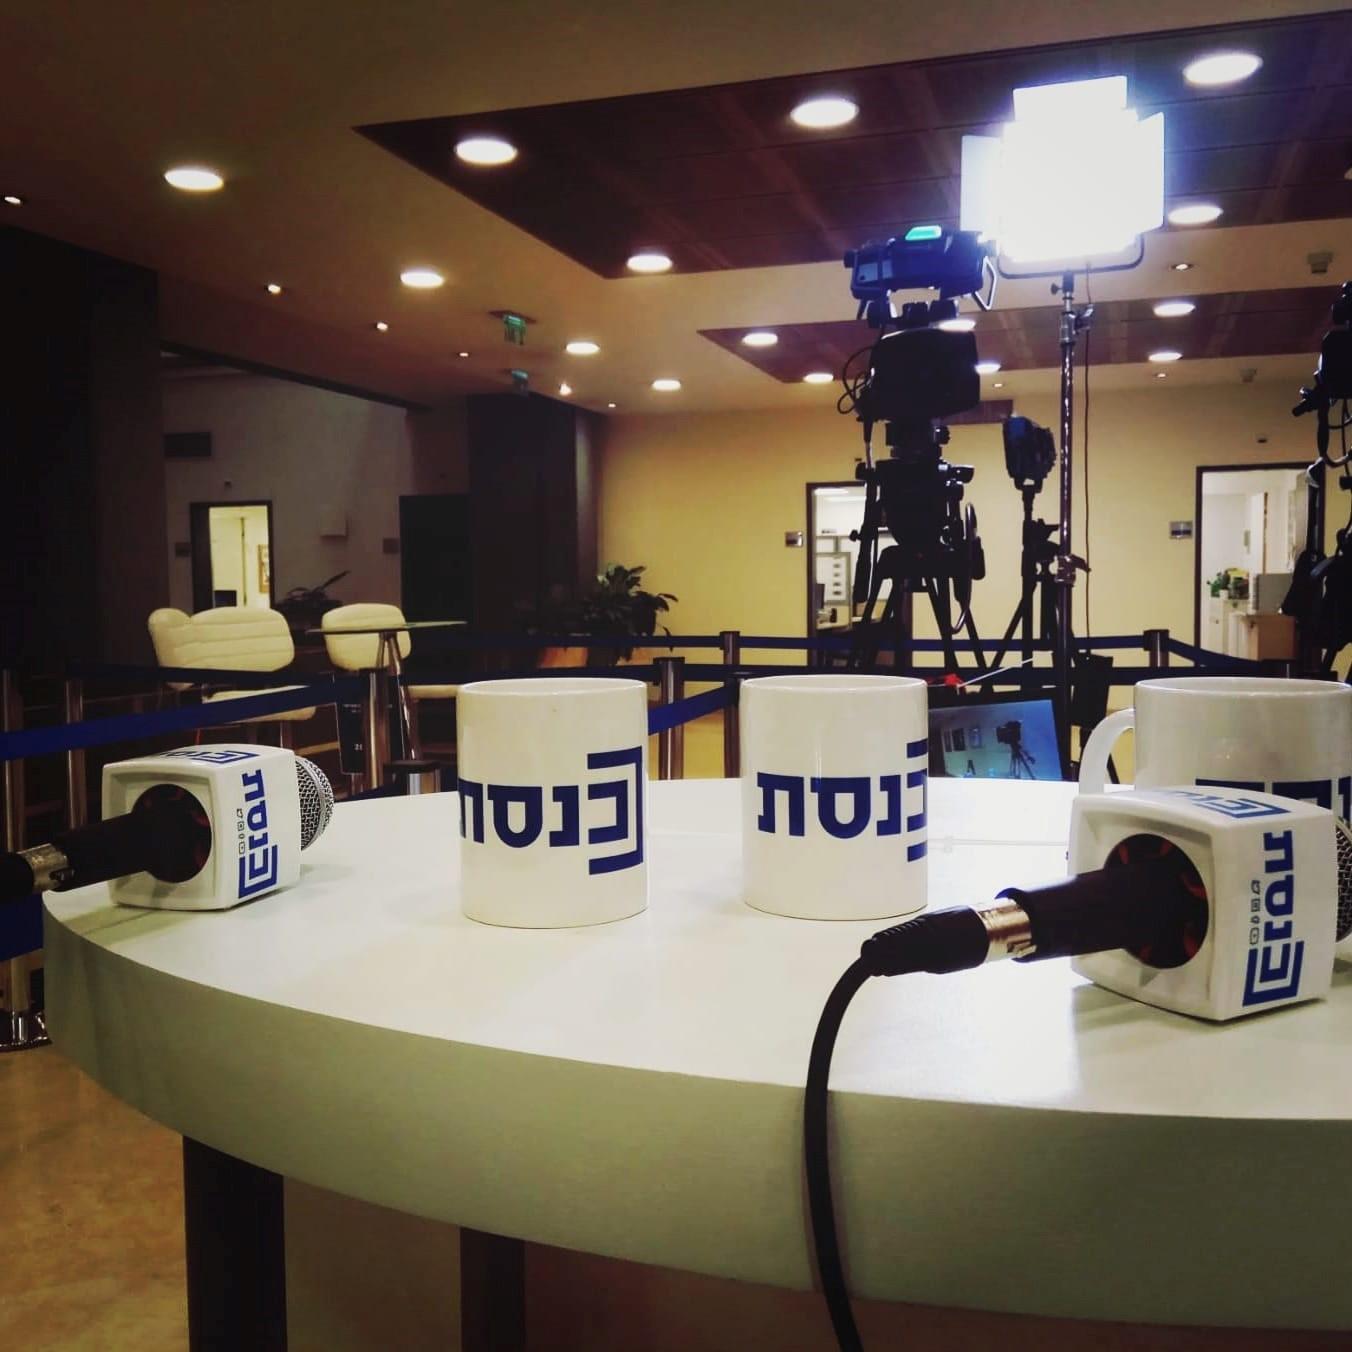 לראשונה הוקם ועד: עובדי ערוץ הכנסת התאגדו בארגון העיתונאים